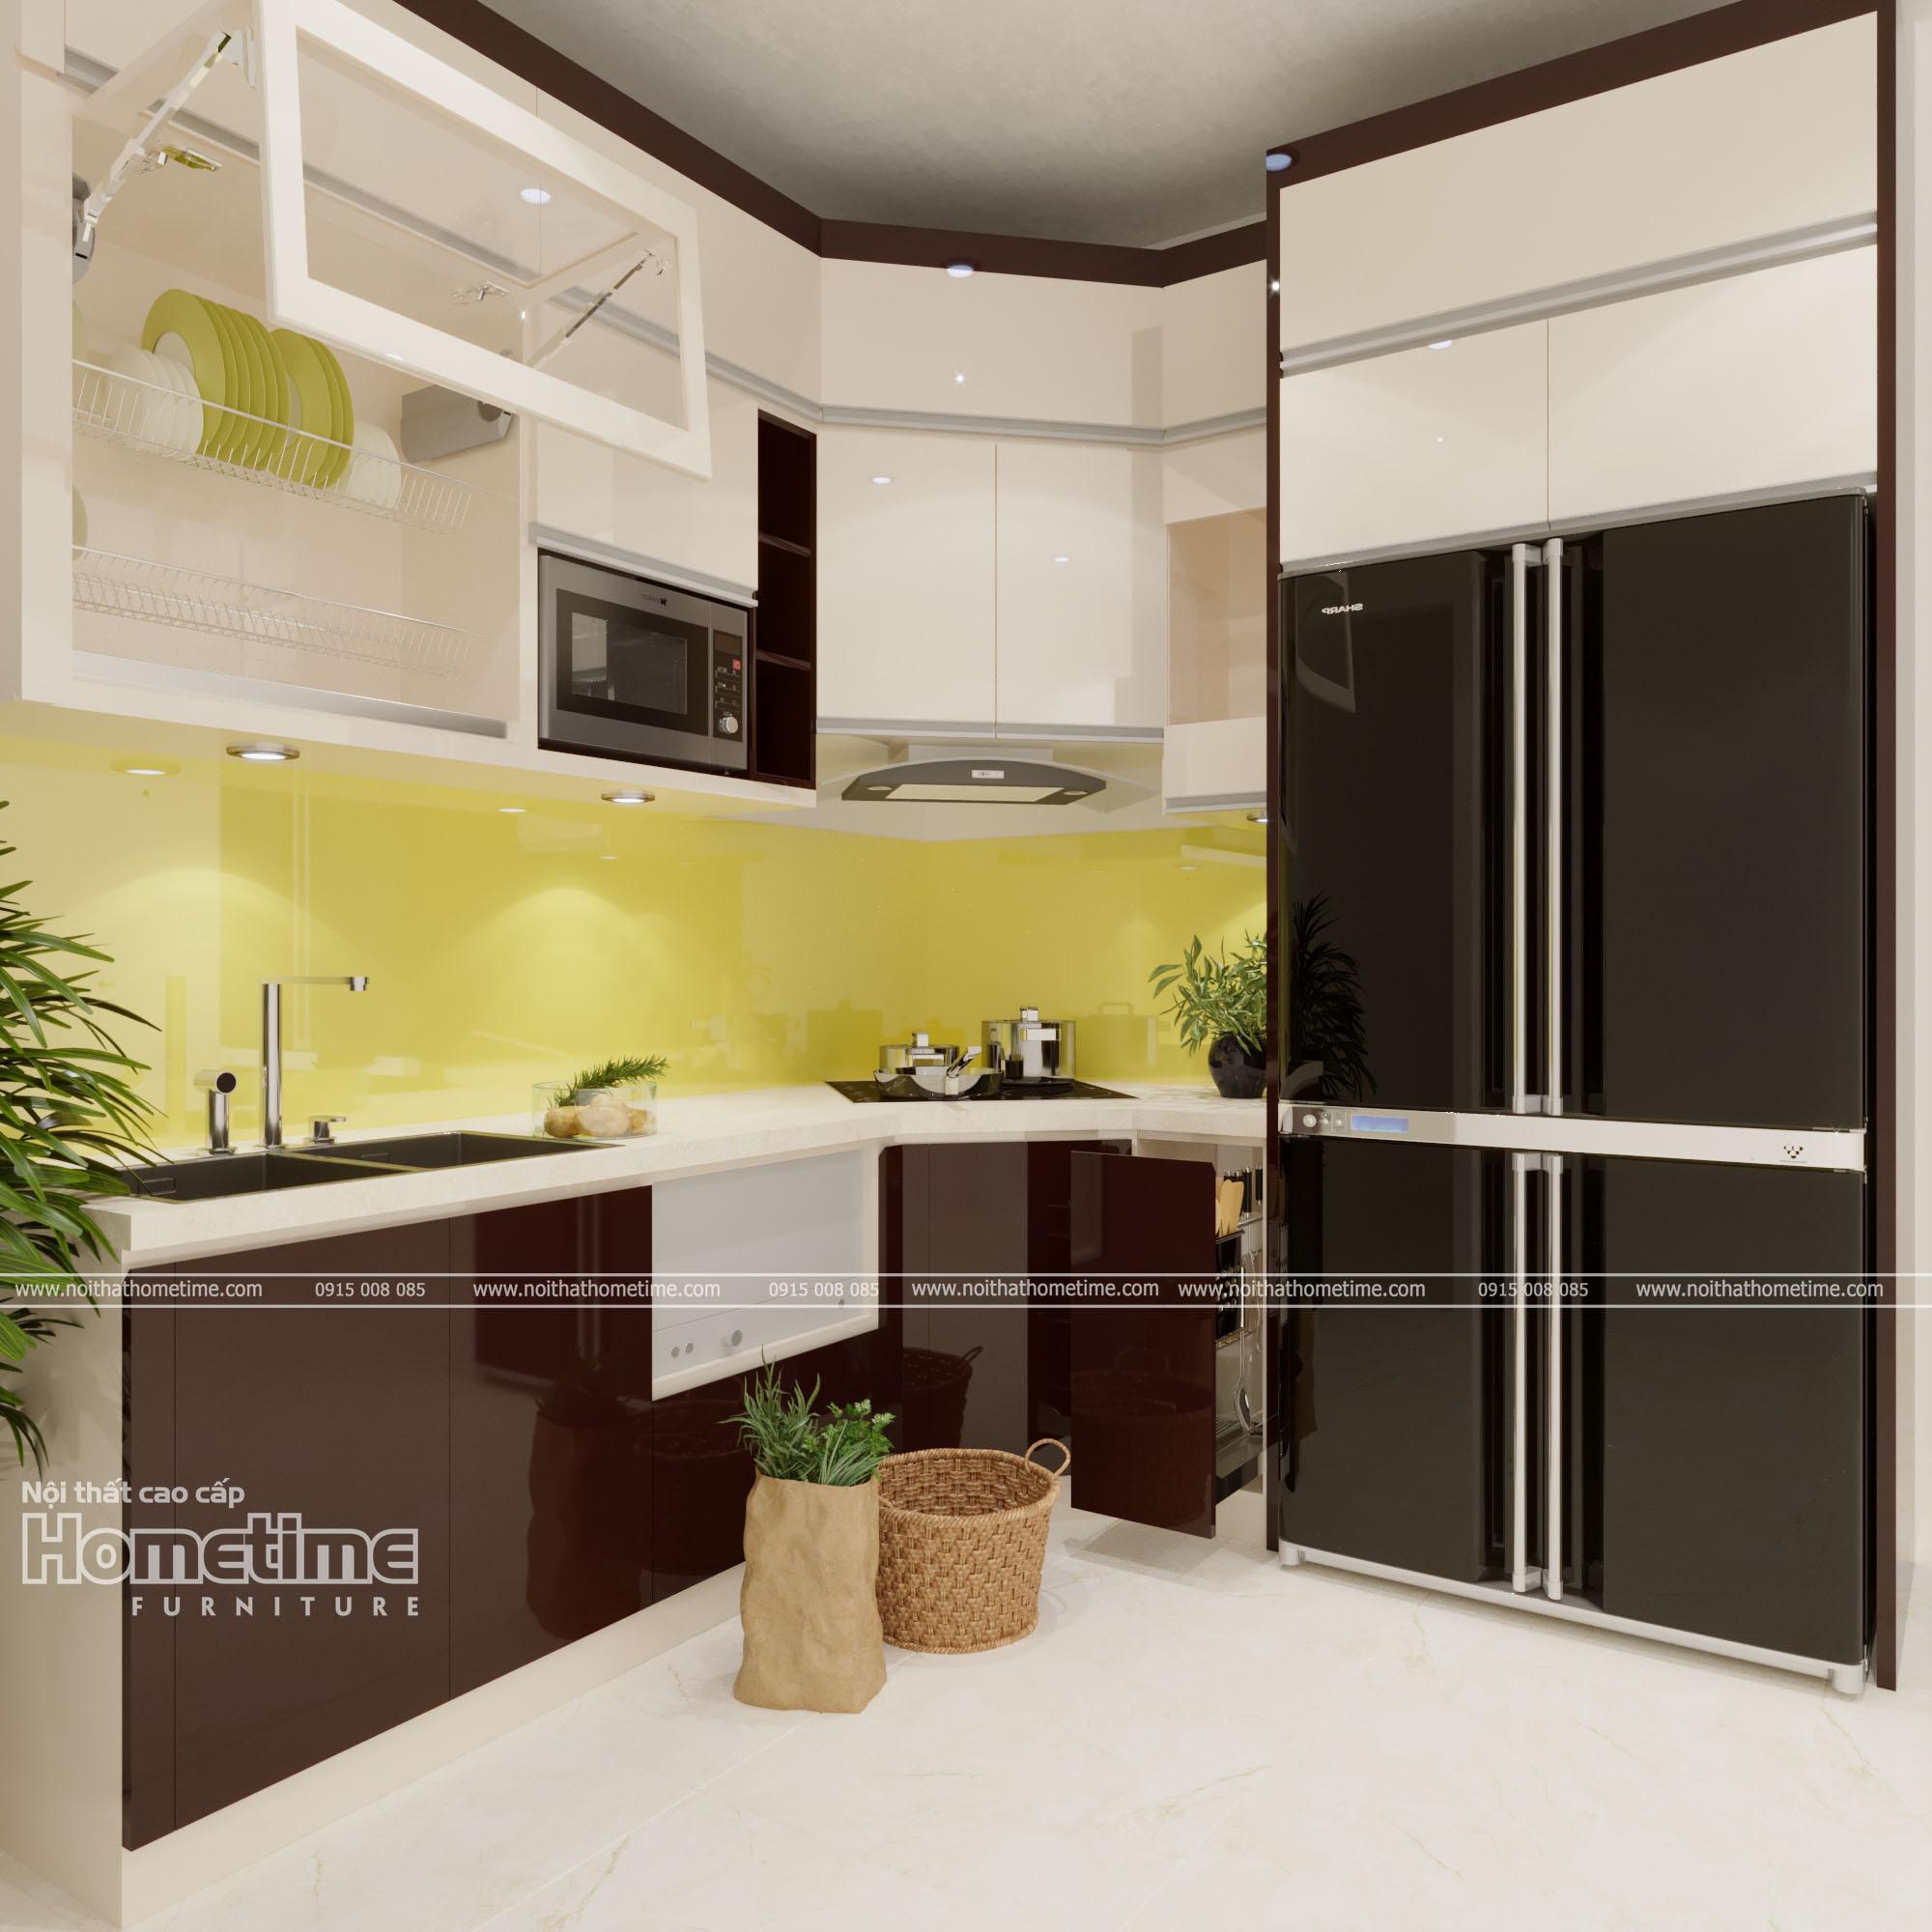 Hình ảnh tổng quan về tủ bếp nhựa sơn men